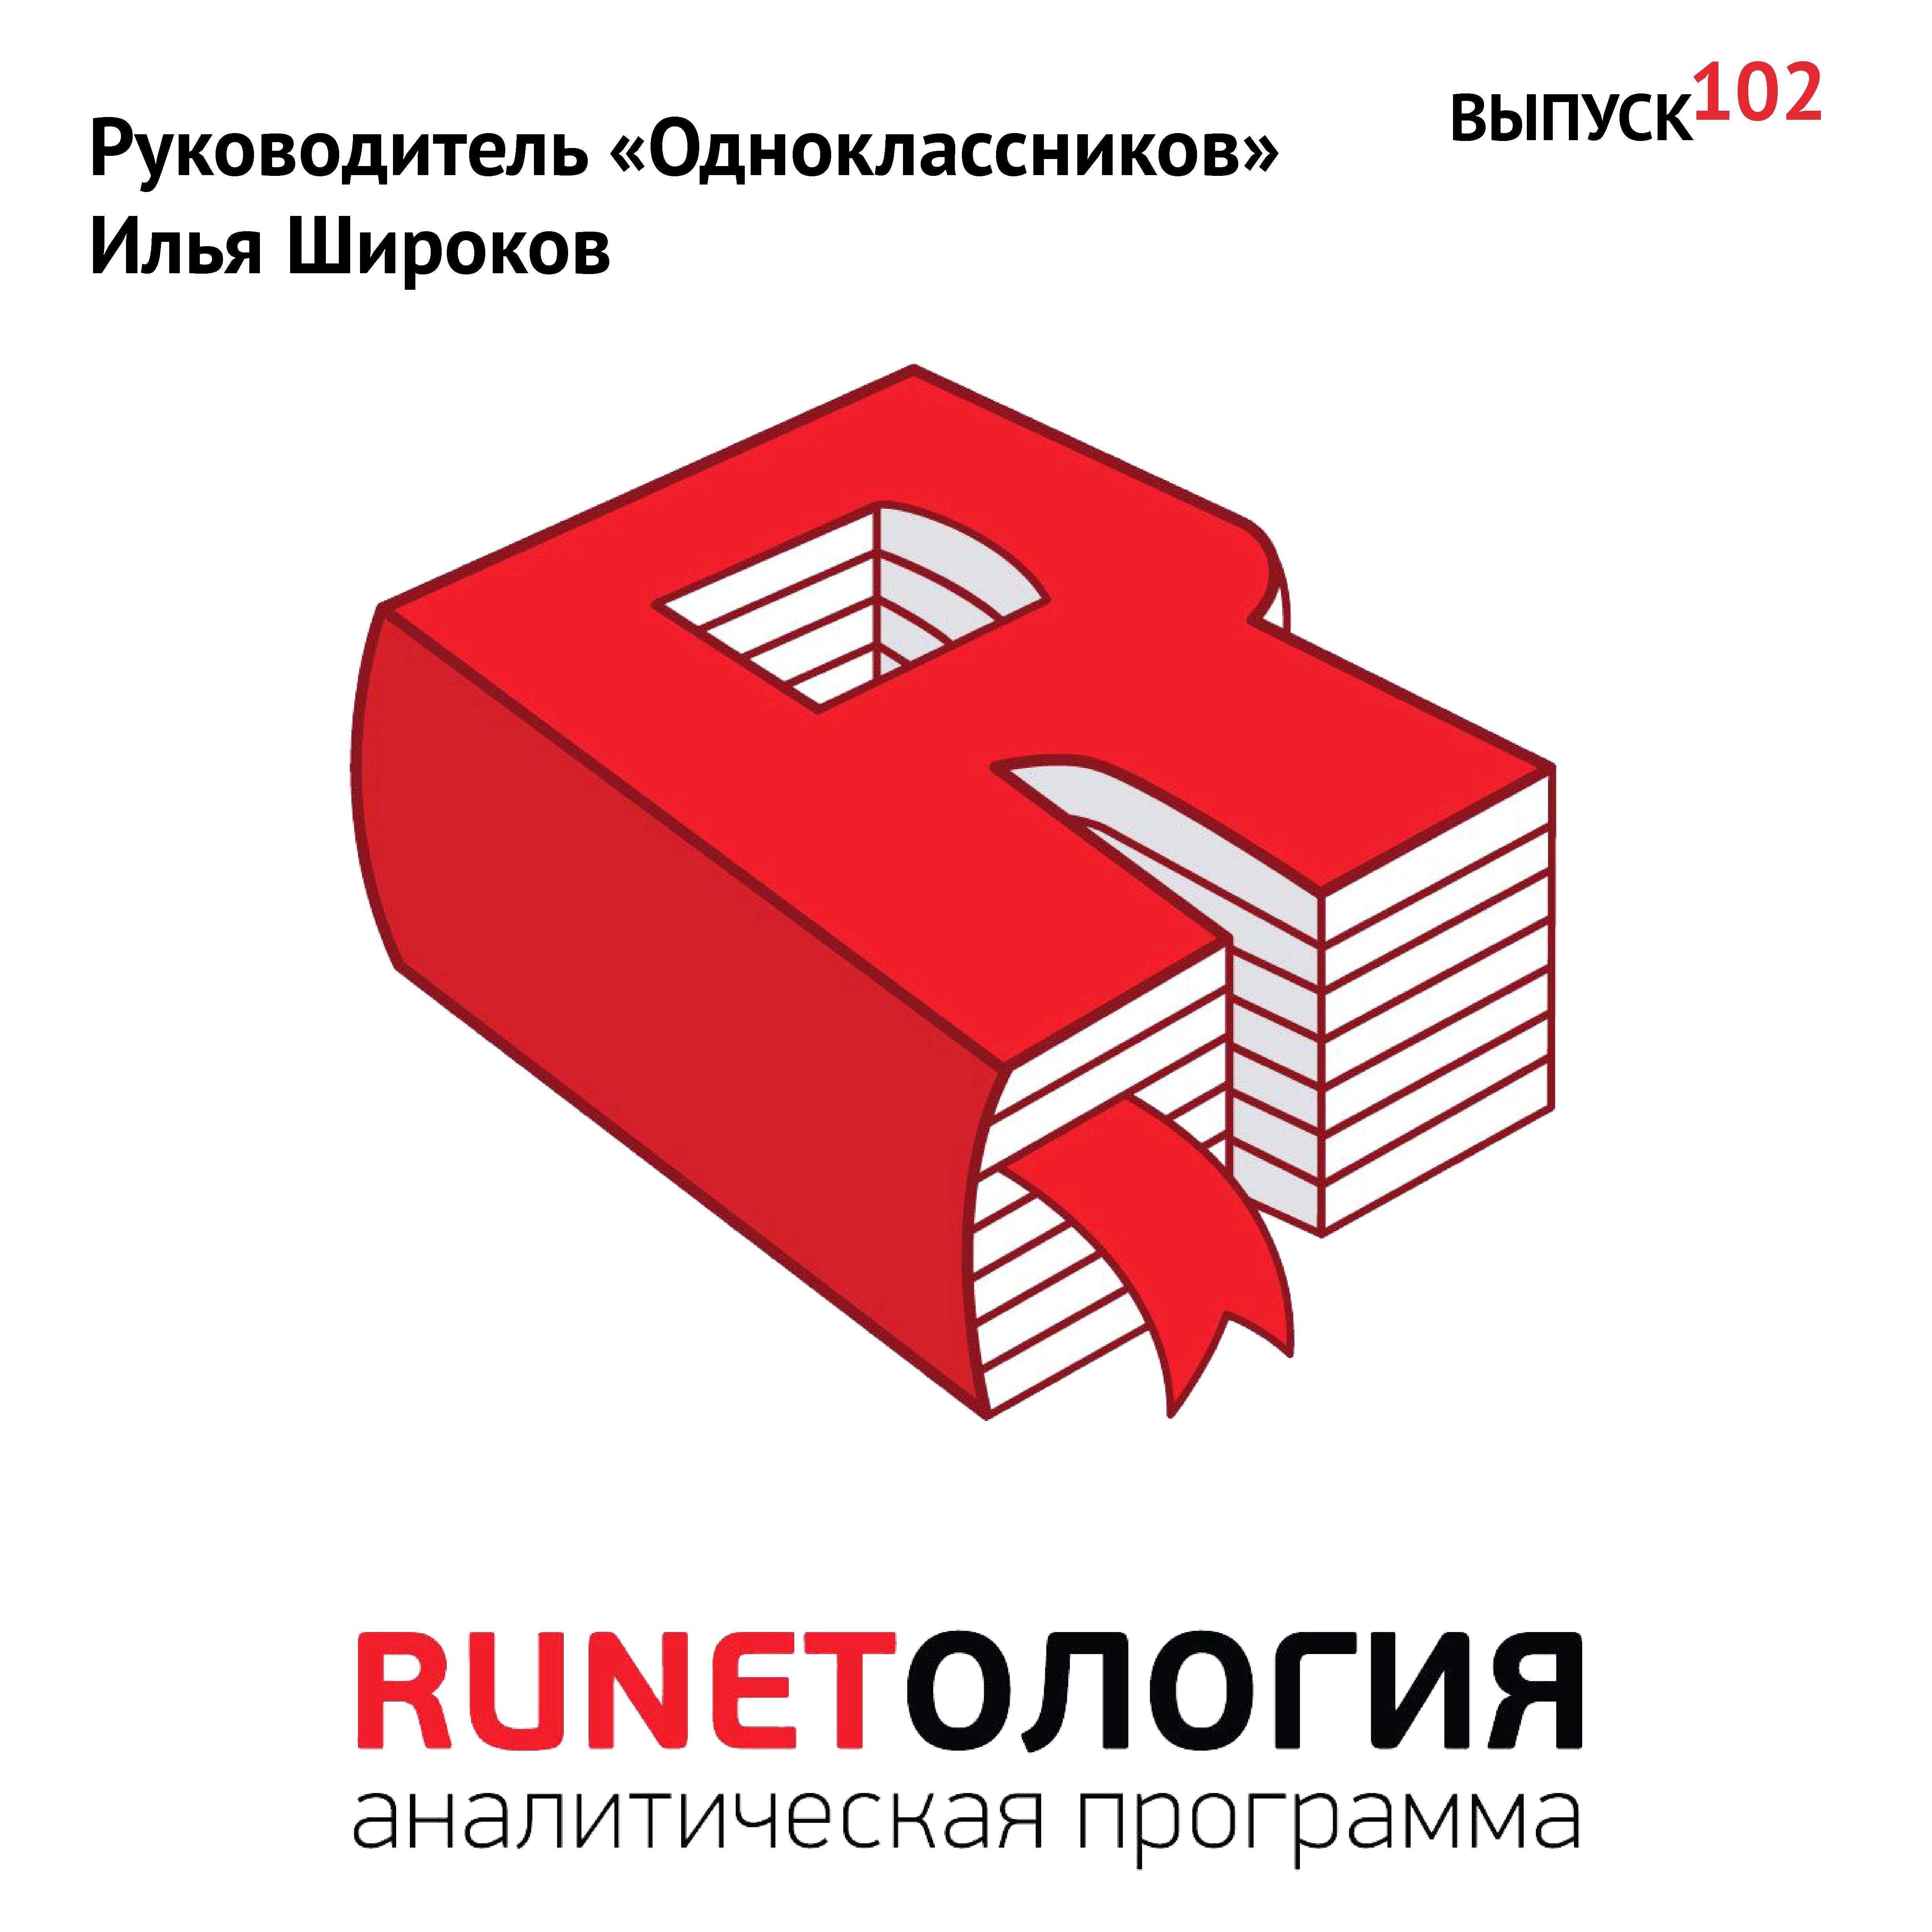 Купить книгу Руководитель «Одноклассников» Илья Широков, автора Максима Спиридонова